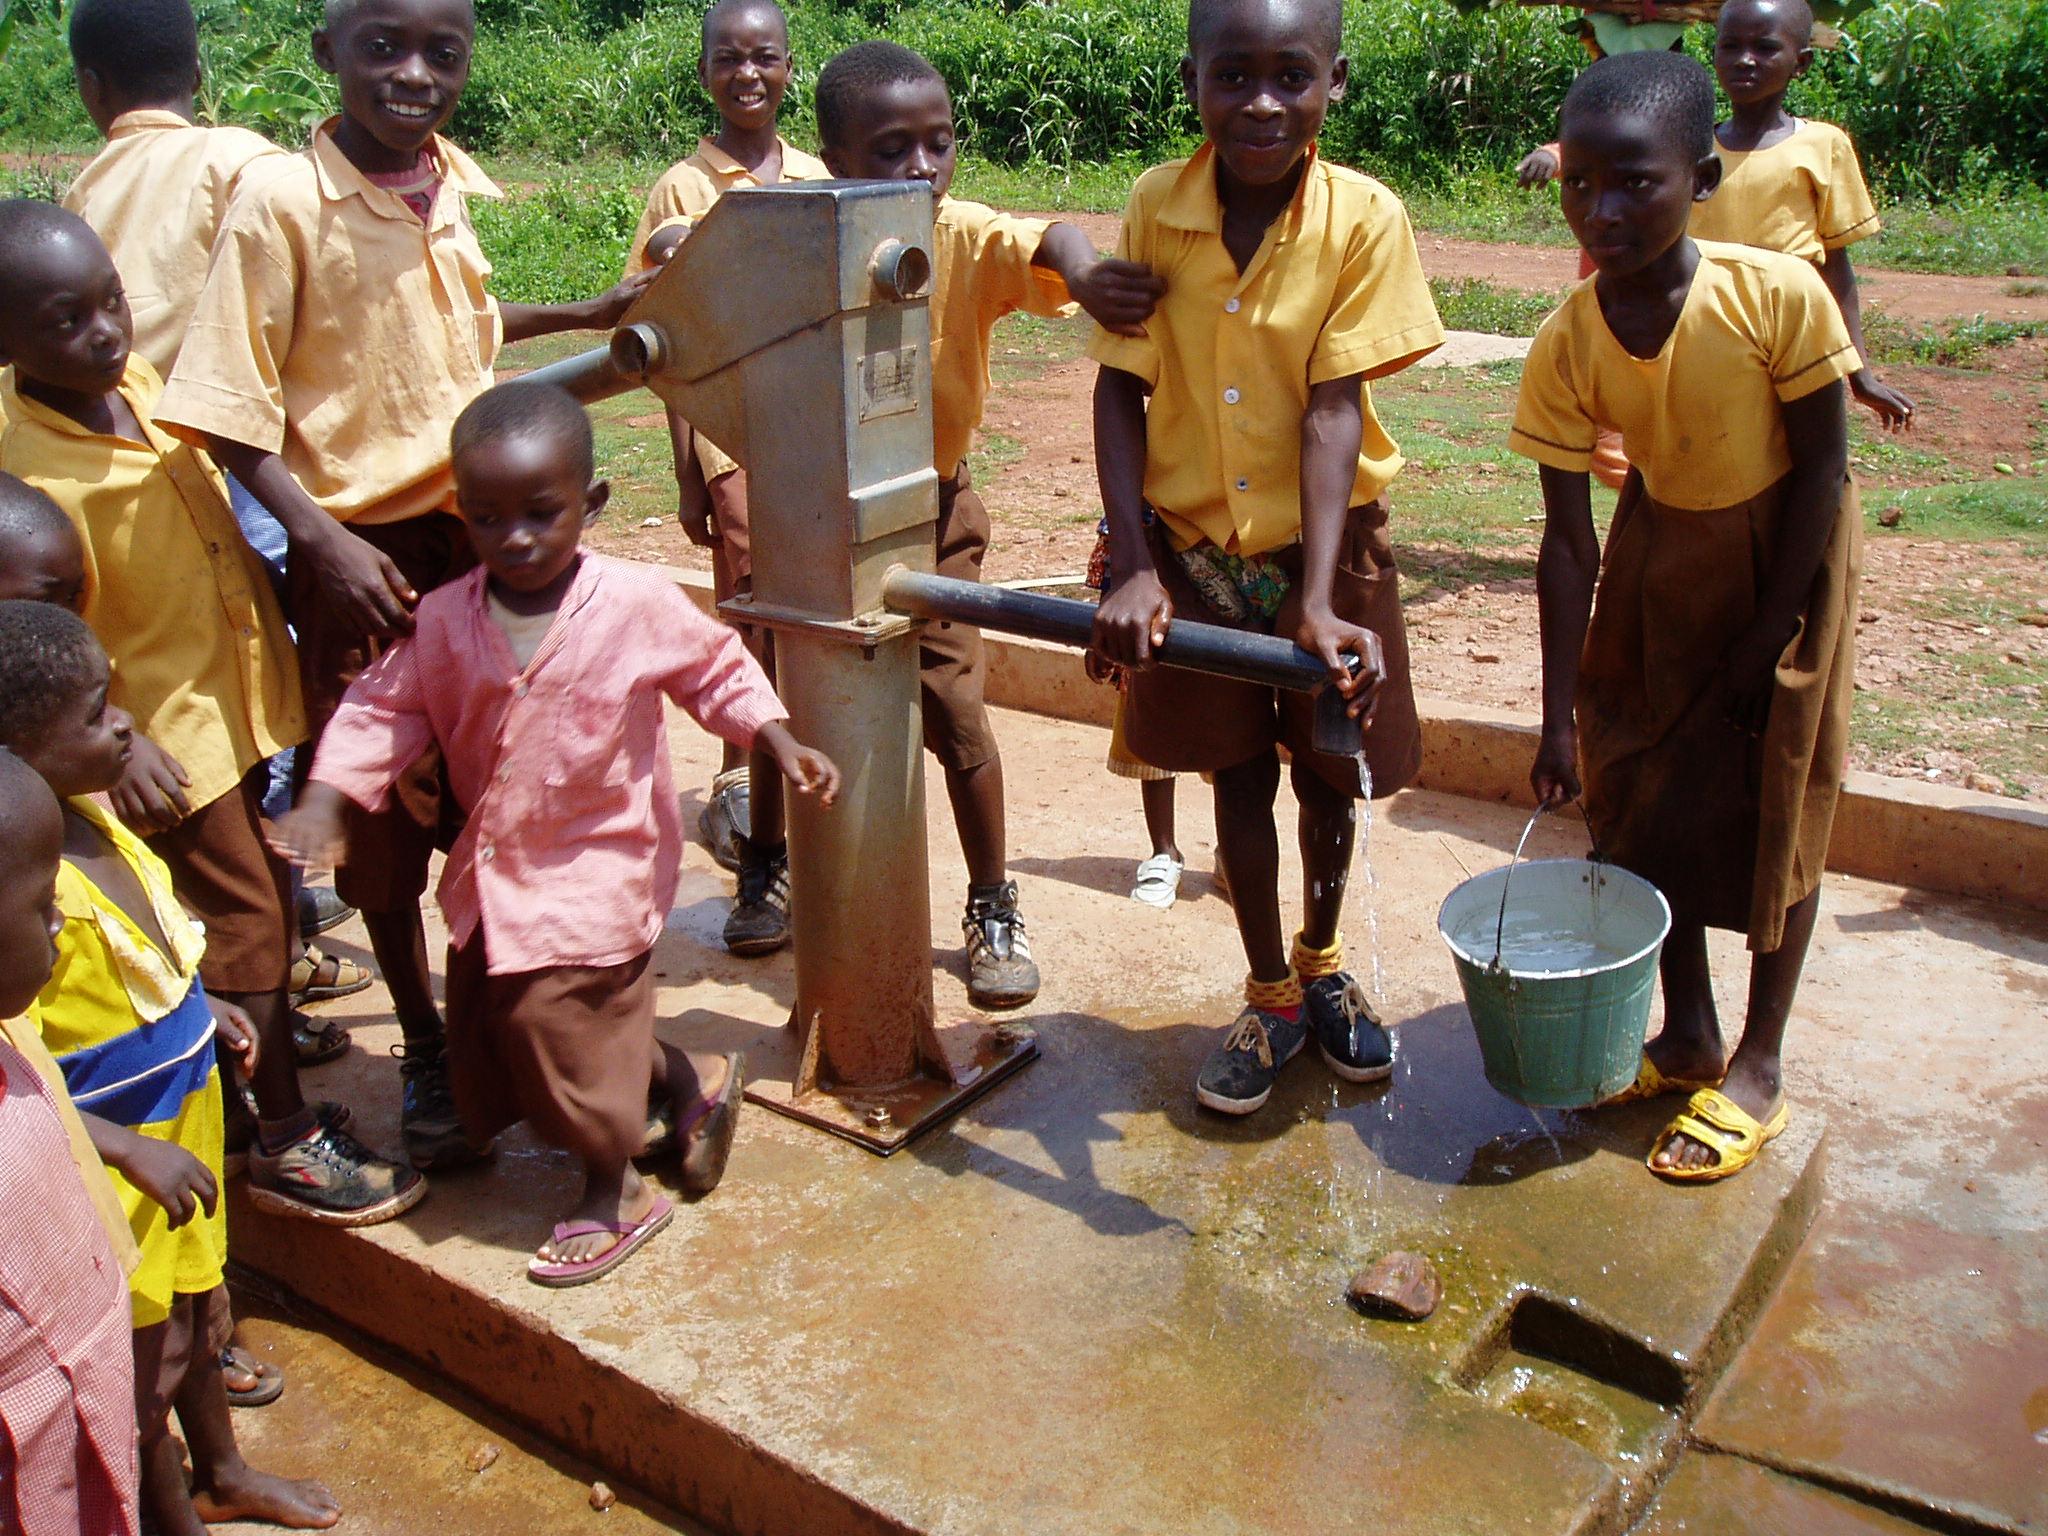 Village water pump photo